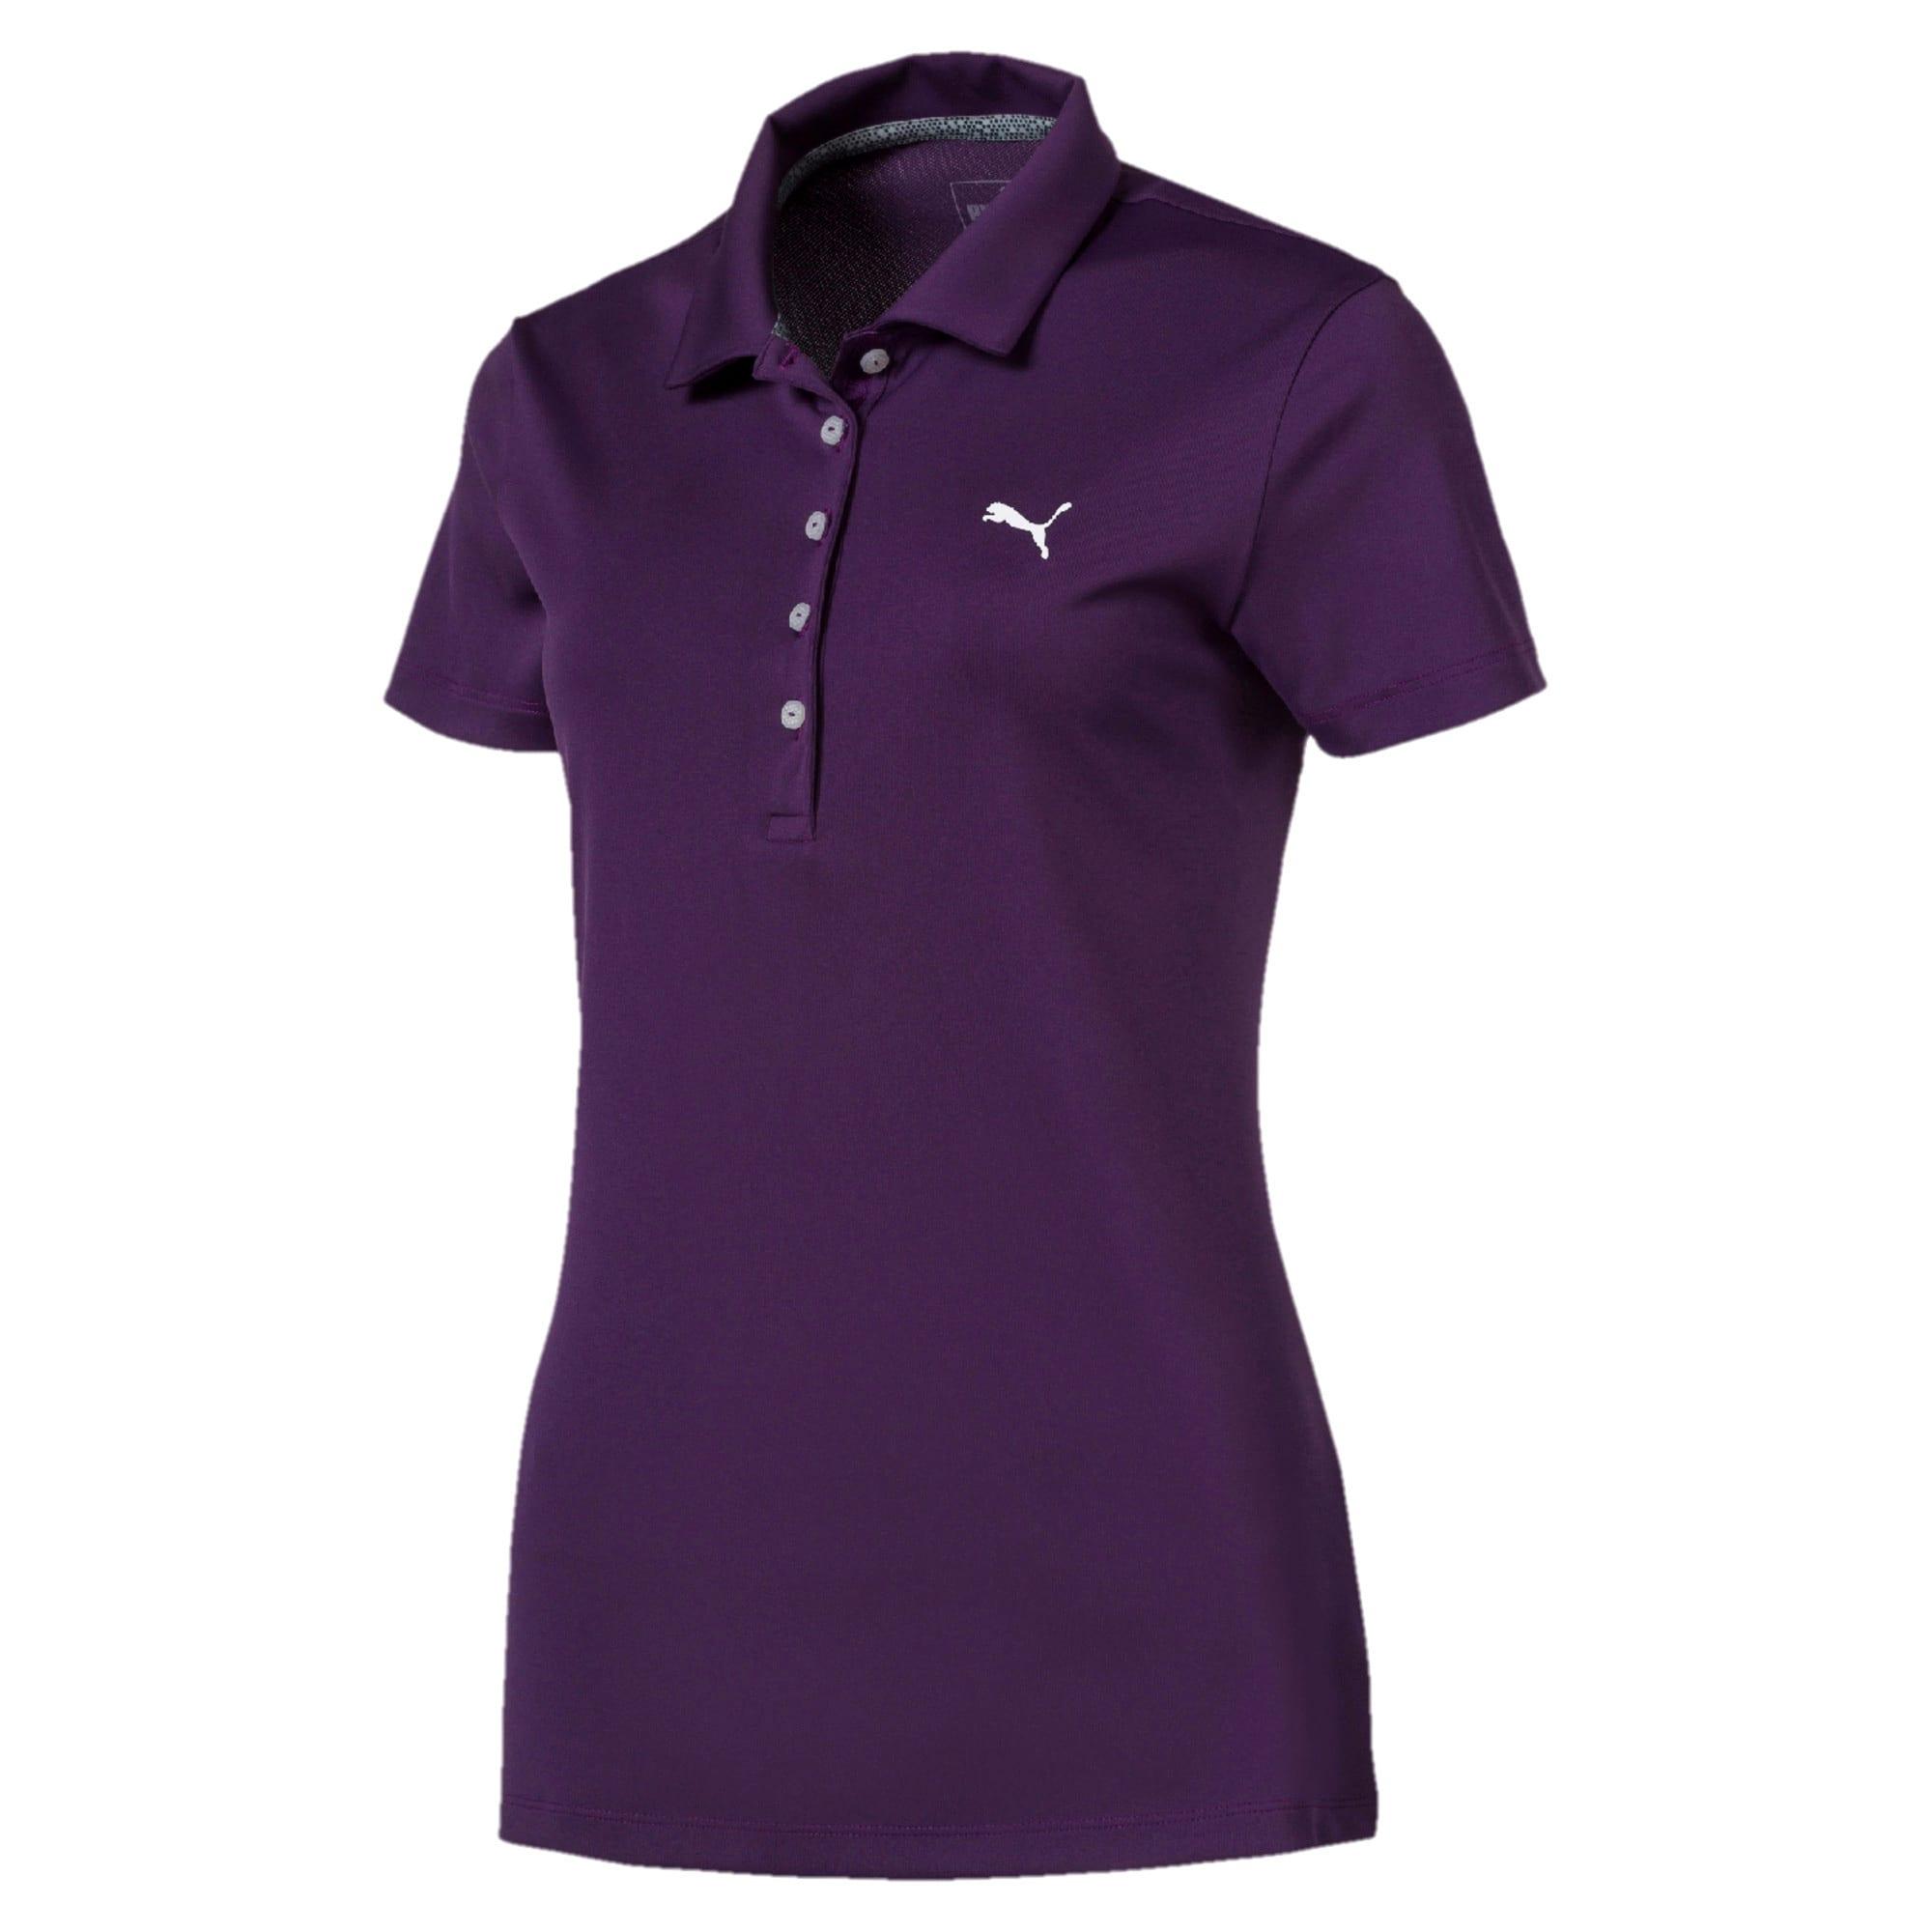 Thumbnail 4 of Golf Women's Pounce Polo, Indigo, medium